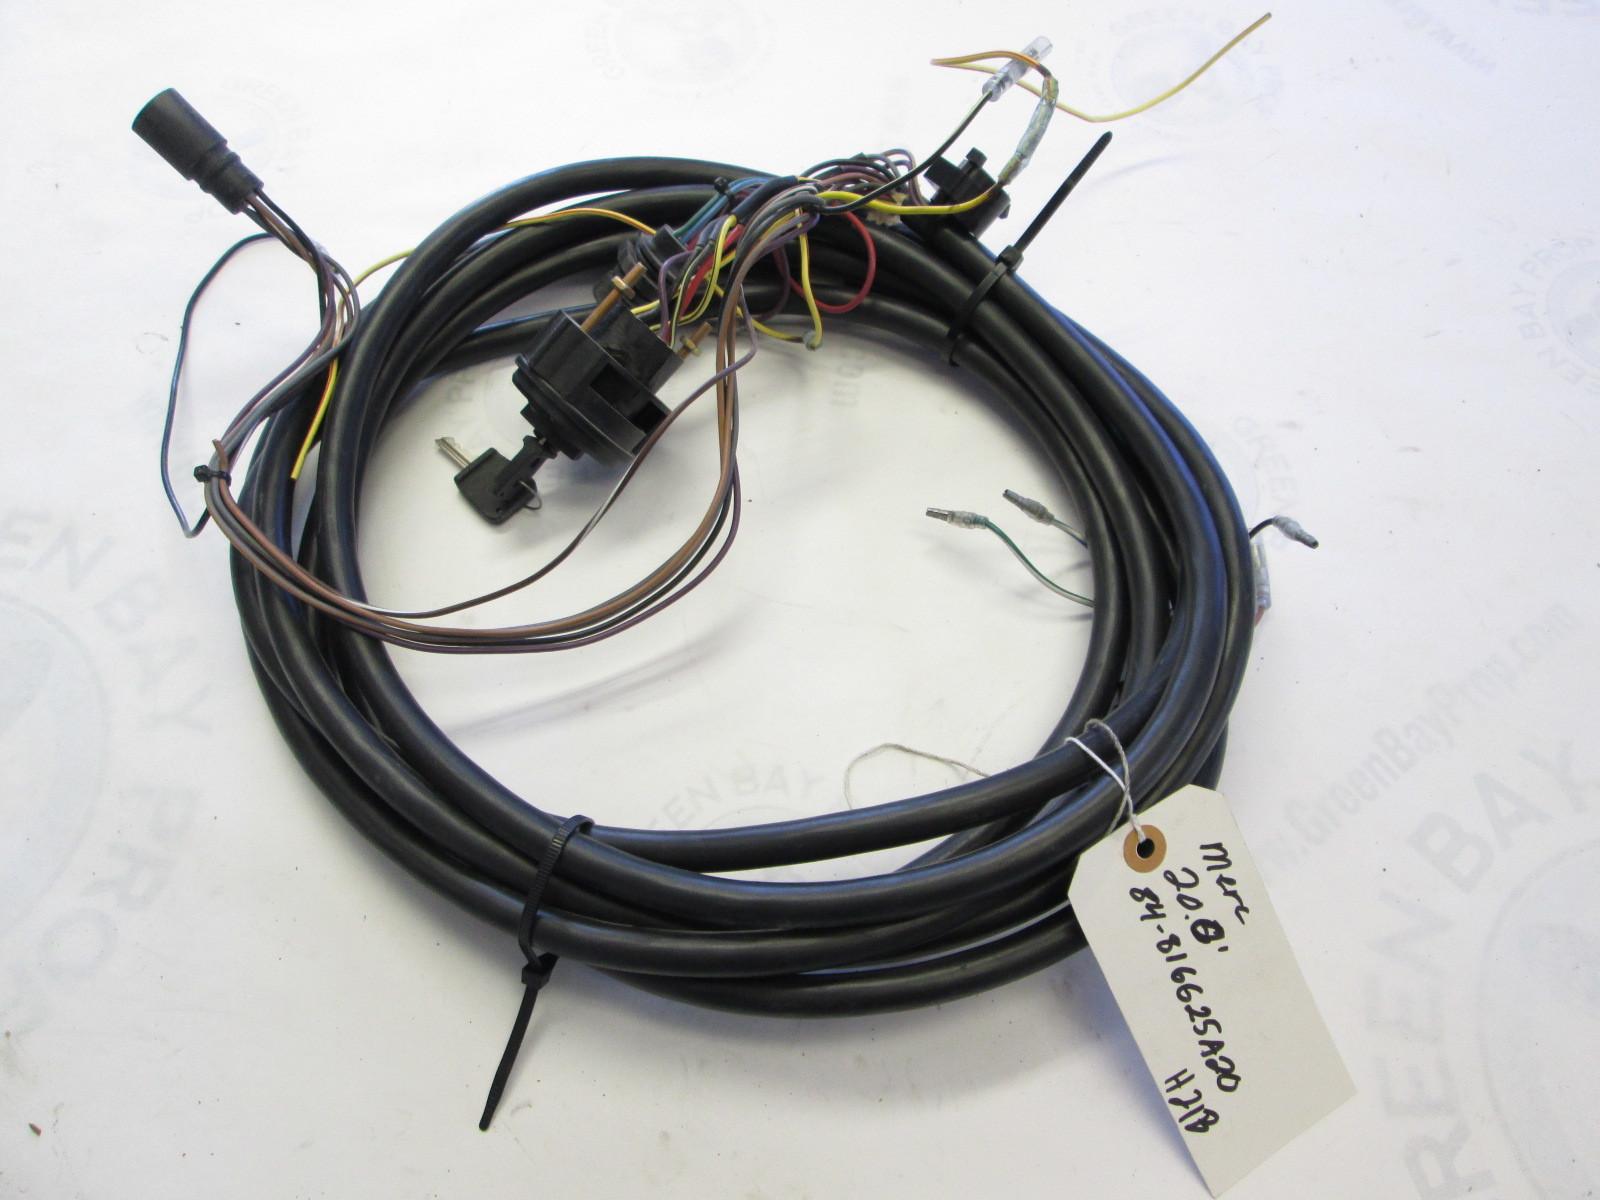 hight resolution of volvo penta alternator problem volvo penta alternator wiring volvo penta alternator wiring diagram alternator wiring diagram